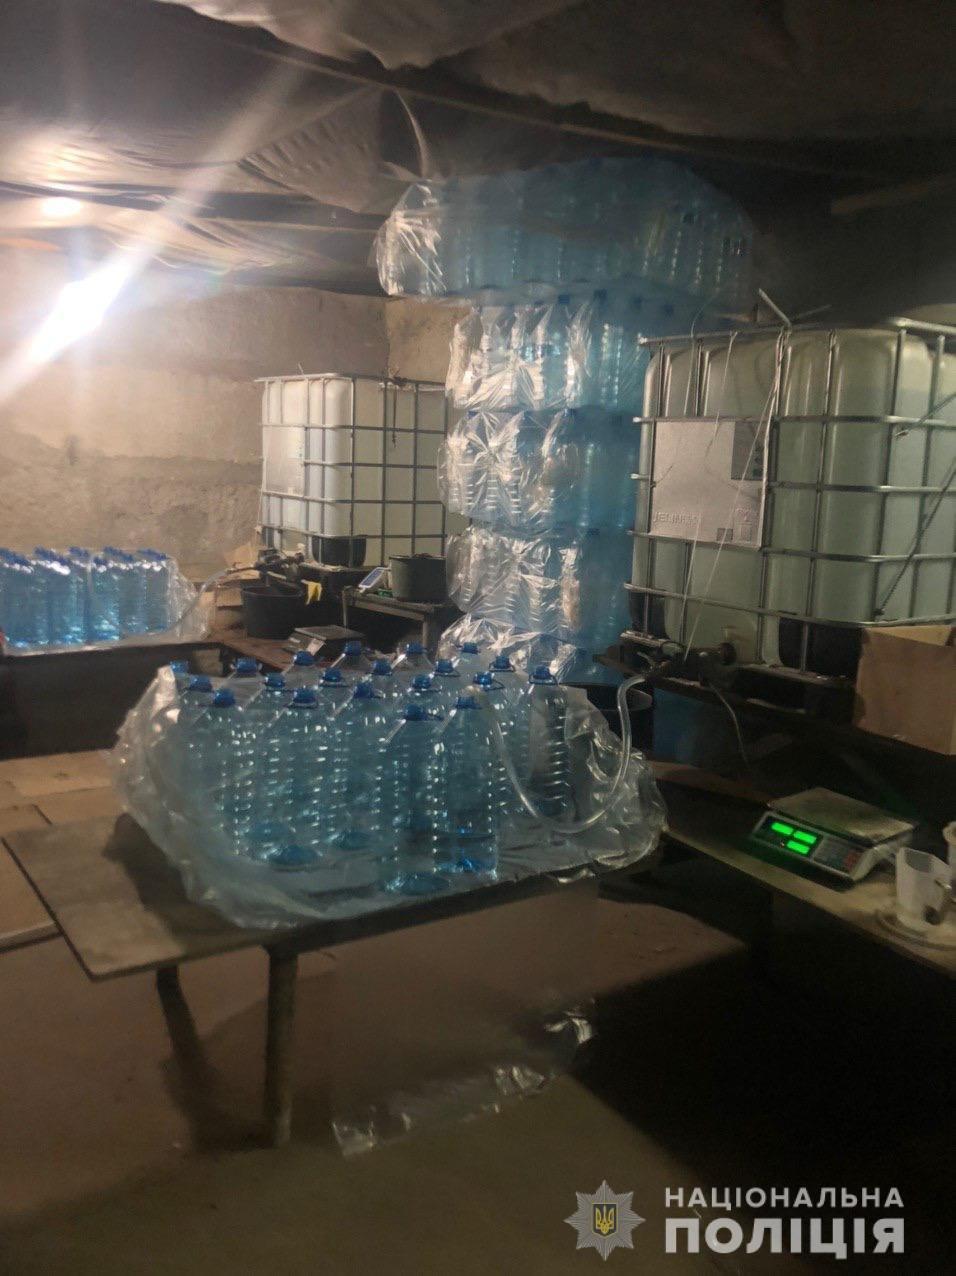 В Харькове изъяли 12 тонн спирта, который незаконно хранили в гараже, - ФОТО, фото-1